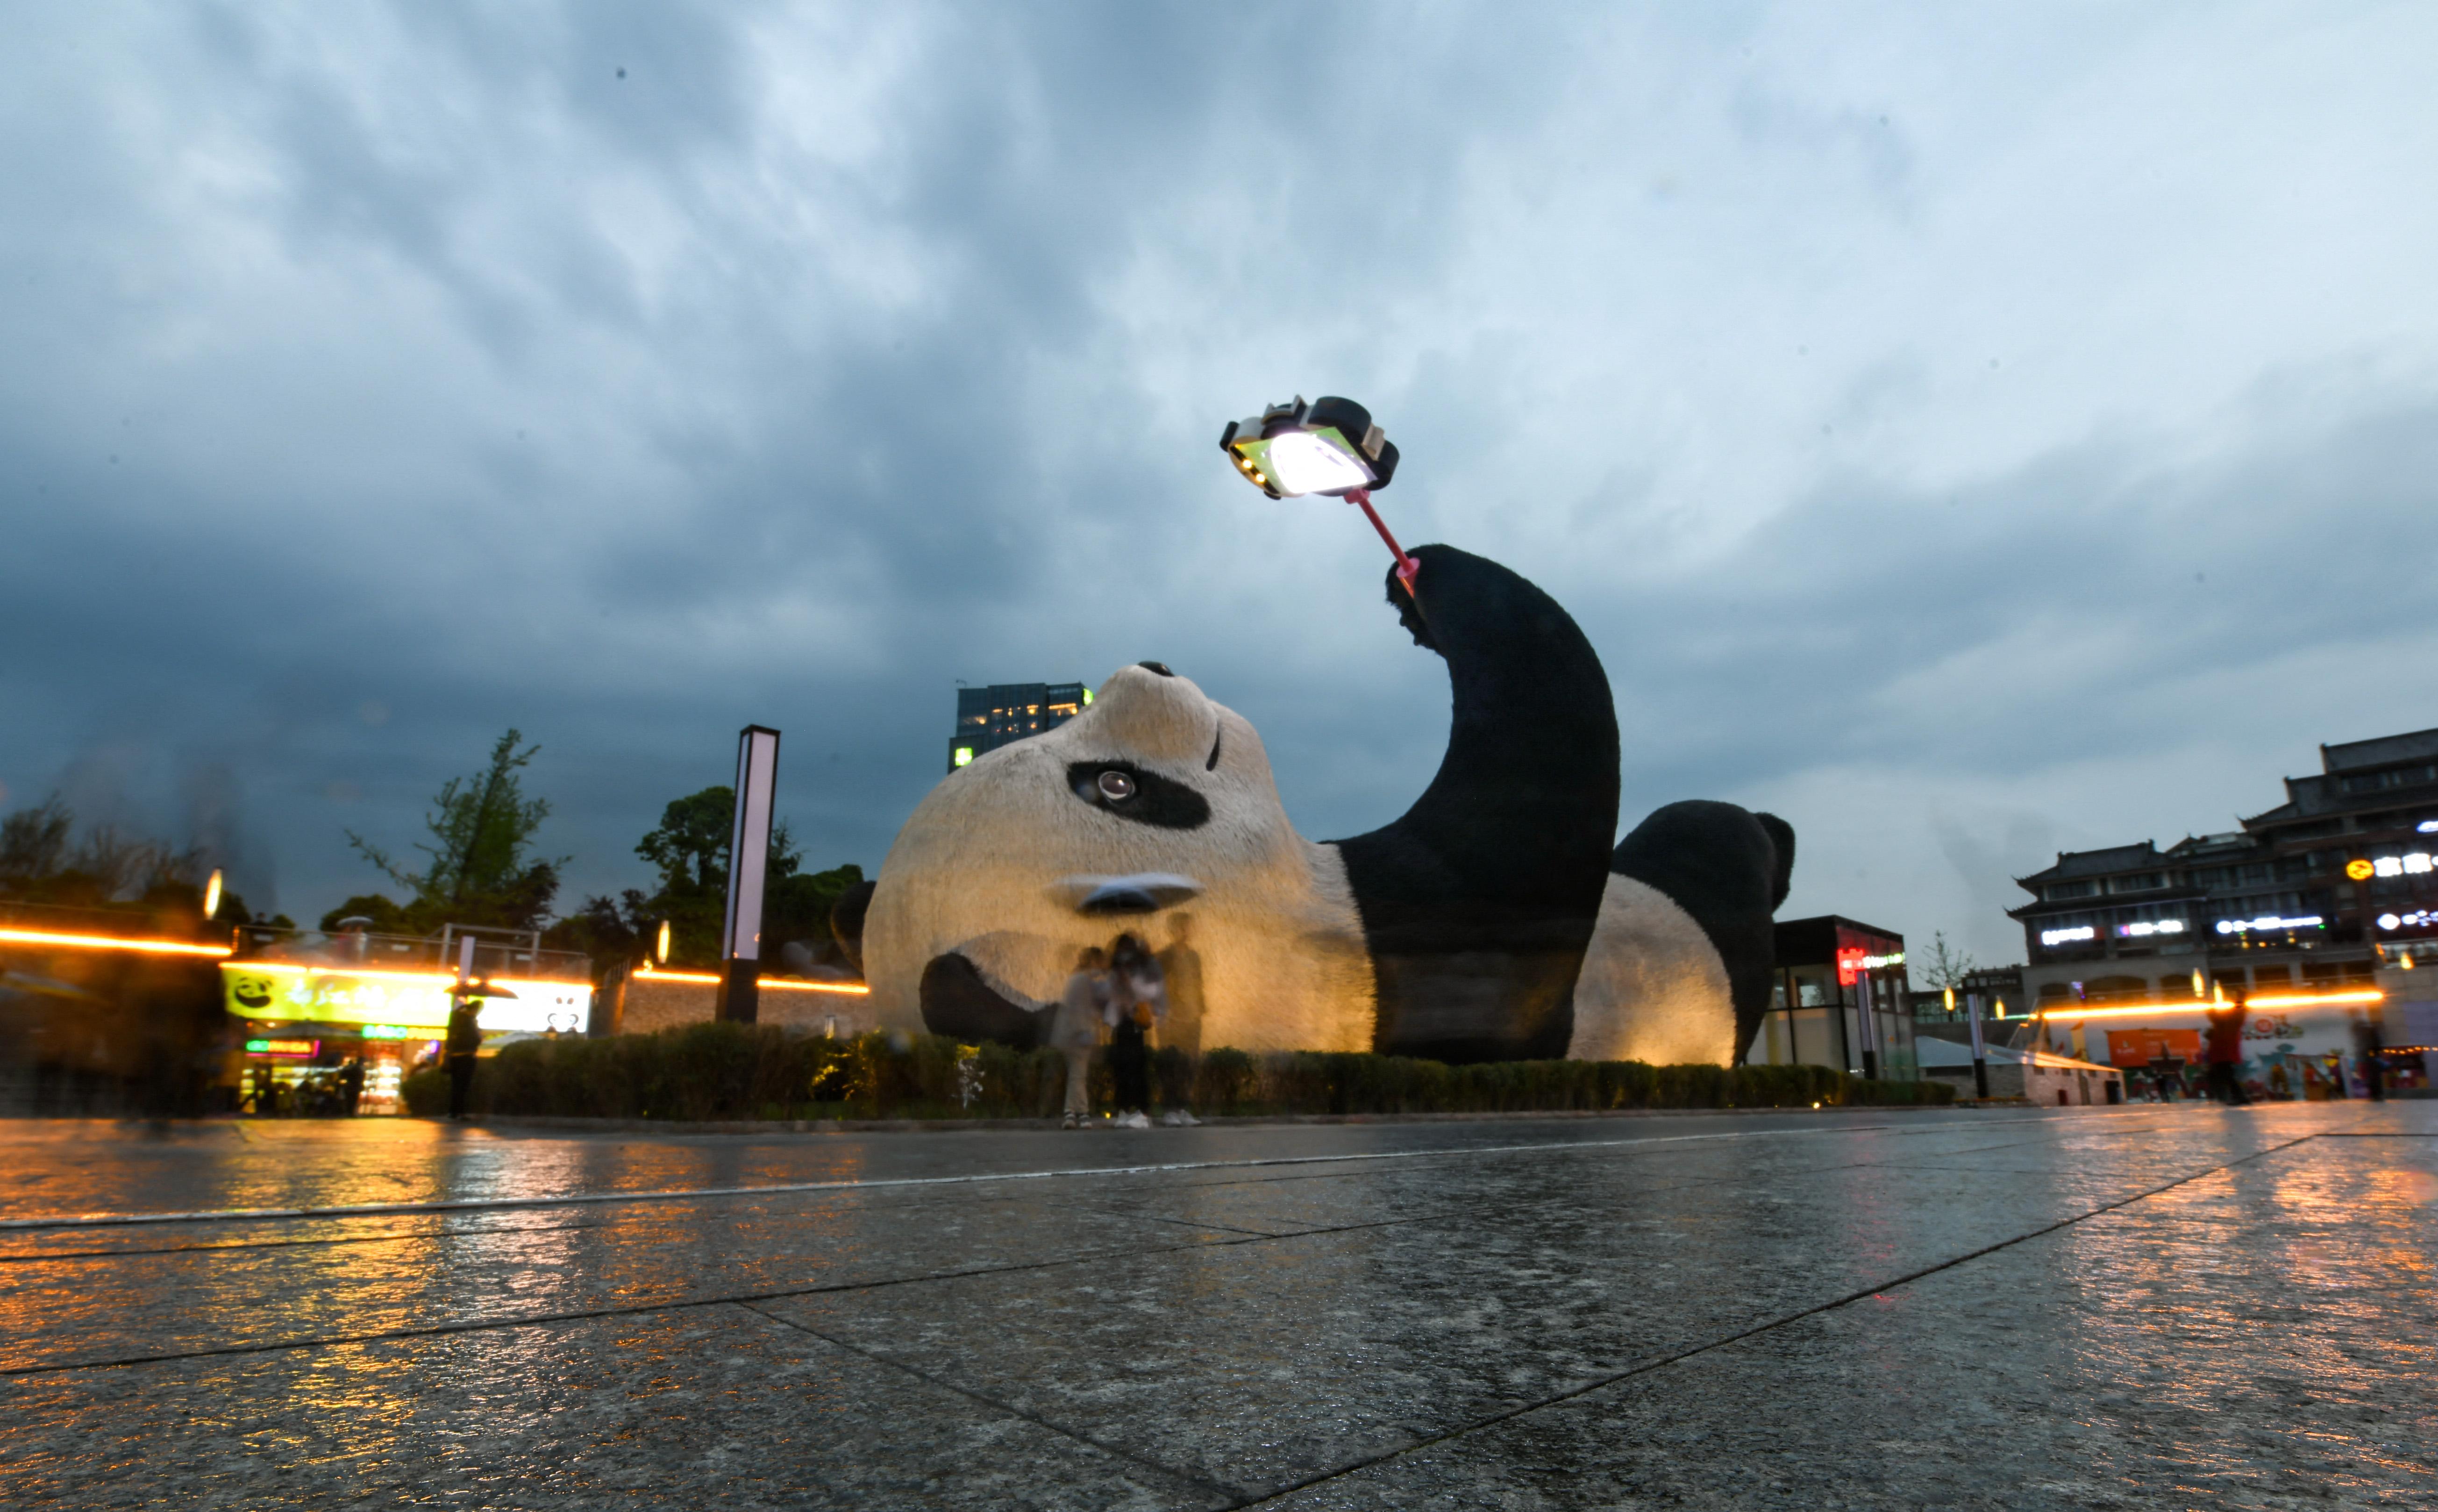 Egy szelfiző óriáspandaszobor lett a turisták kedvence Szecsuanban